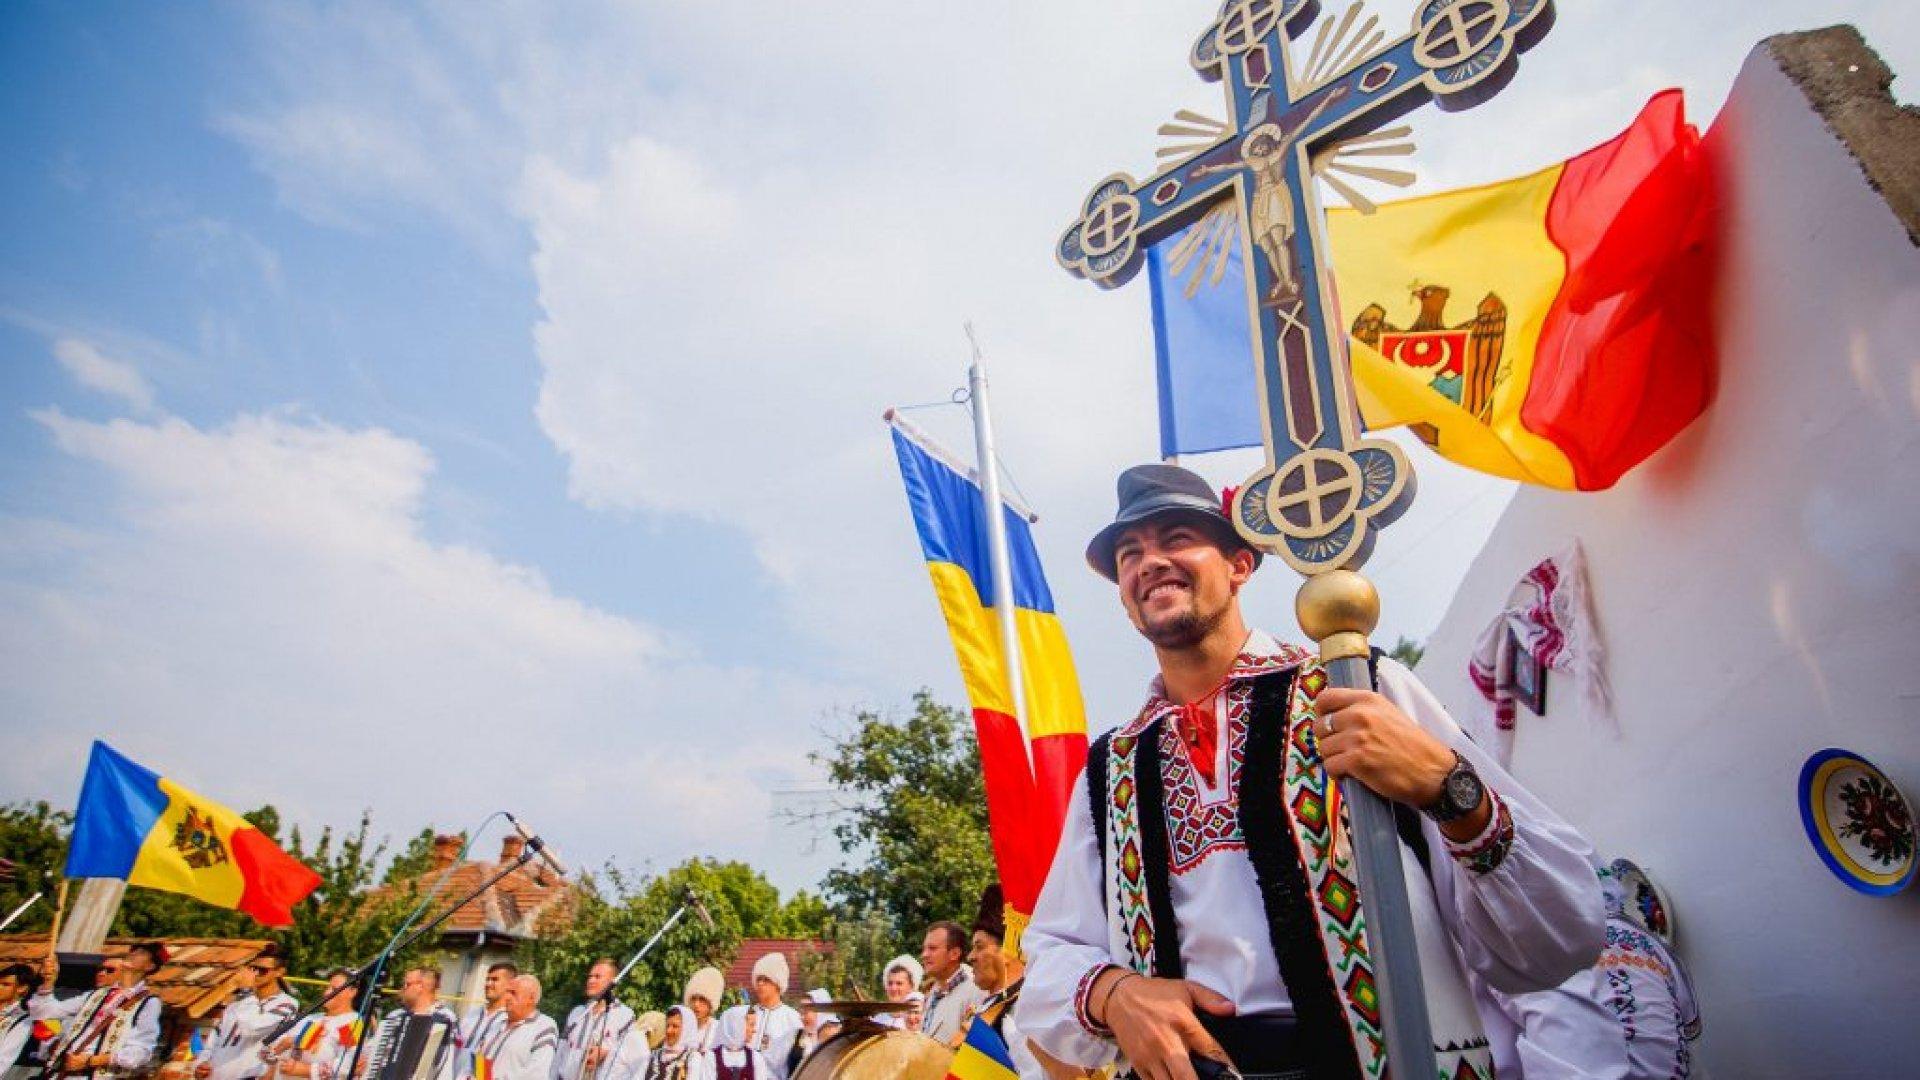 Premierul român Ludovic Orban, de Ziua Românilor de Pretutindeni: Suntem uniți. Sângele apă nu se face